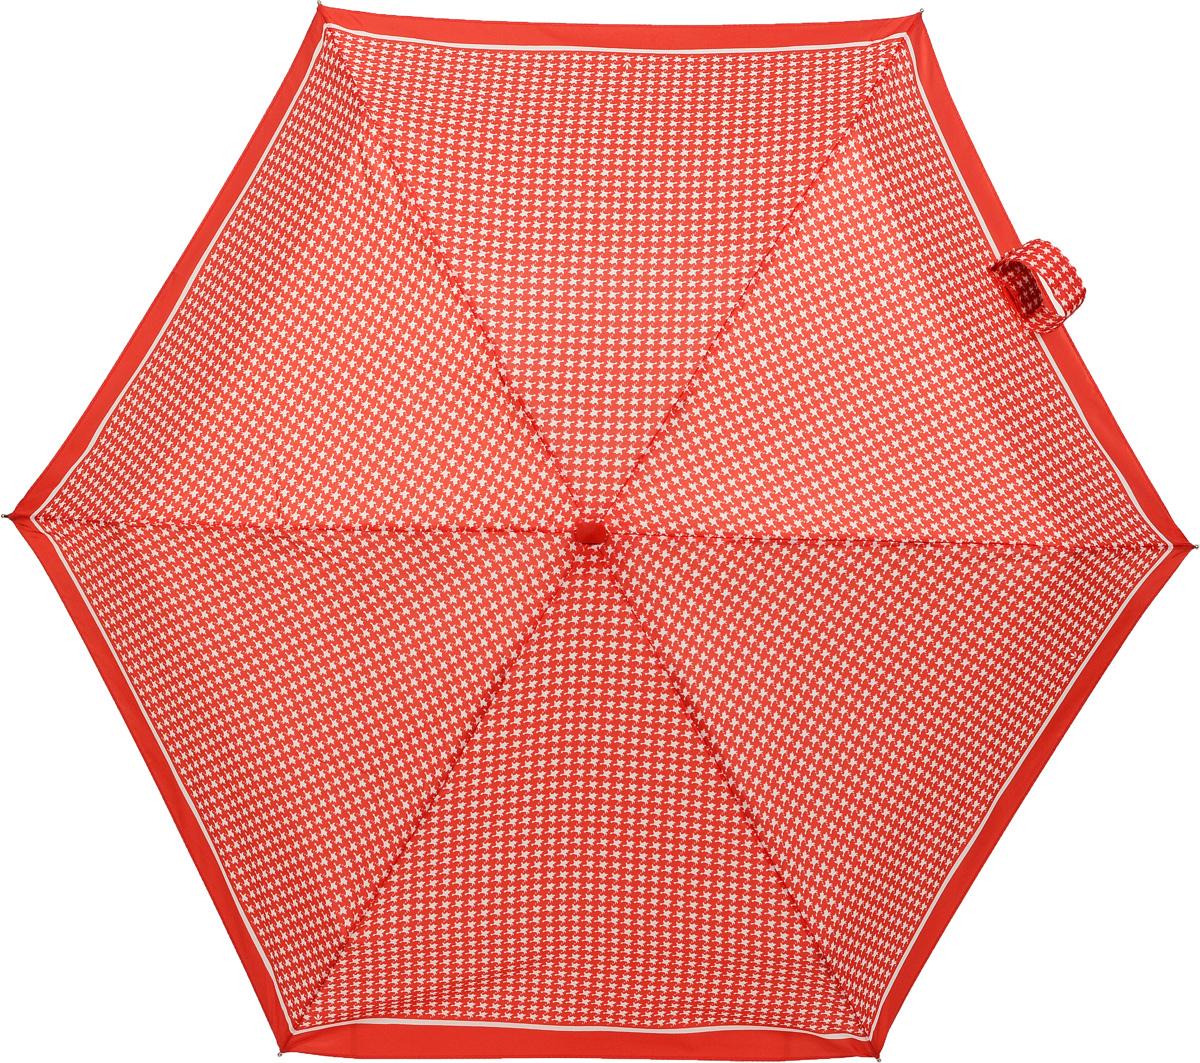 Зонт женский механика Fulton, расцветка: красная гусиная лапка. L501-2237 RedPuppytoothL501-2237 RedPuppytoothПрочный, необыкновенно компактный зонт, который с легкостью поместится в маленькую сумочку. Удобный плоский чехол. Облегченный алюминиевый каркас с элементами из фибергласса. Ветроустойчивая конструкция. Размеры зонта в сложенном виде 15смх6смх3см, диаметр купола 87 см.